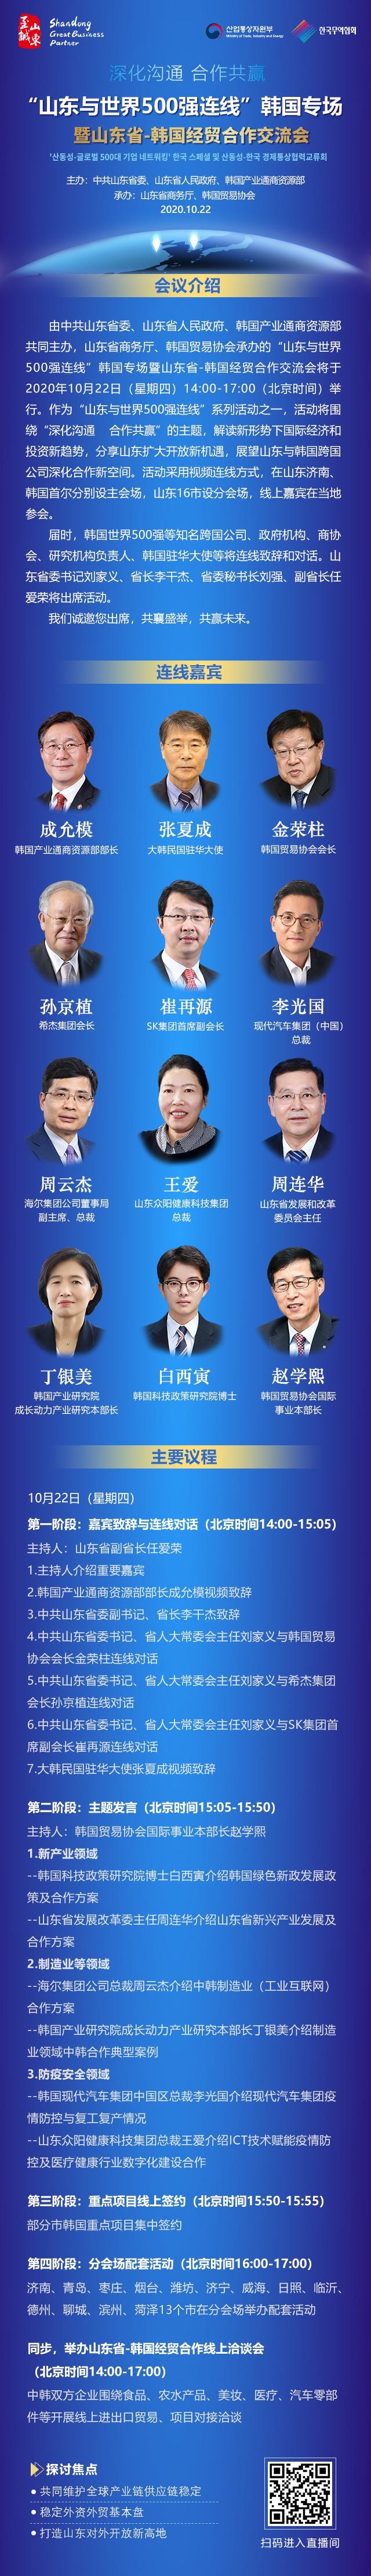 """""""山东与世界500强连线""""韩国专场活动将于10月22日在济南、首尔同期举行"""